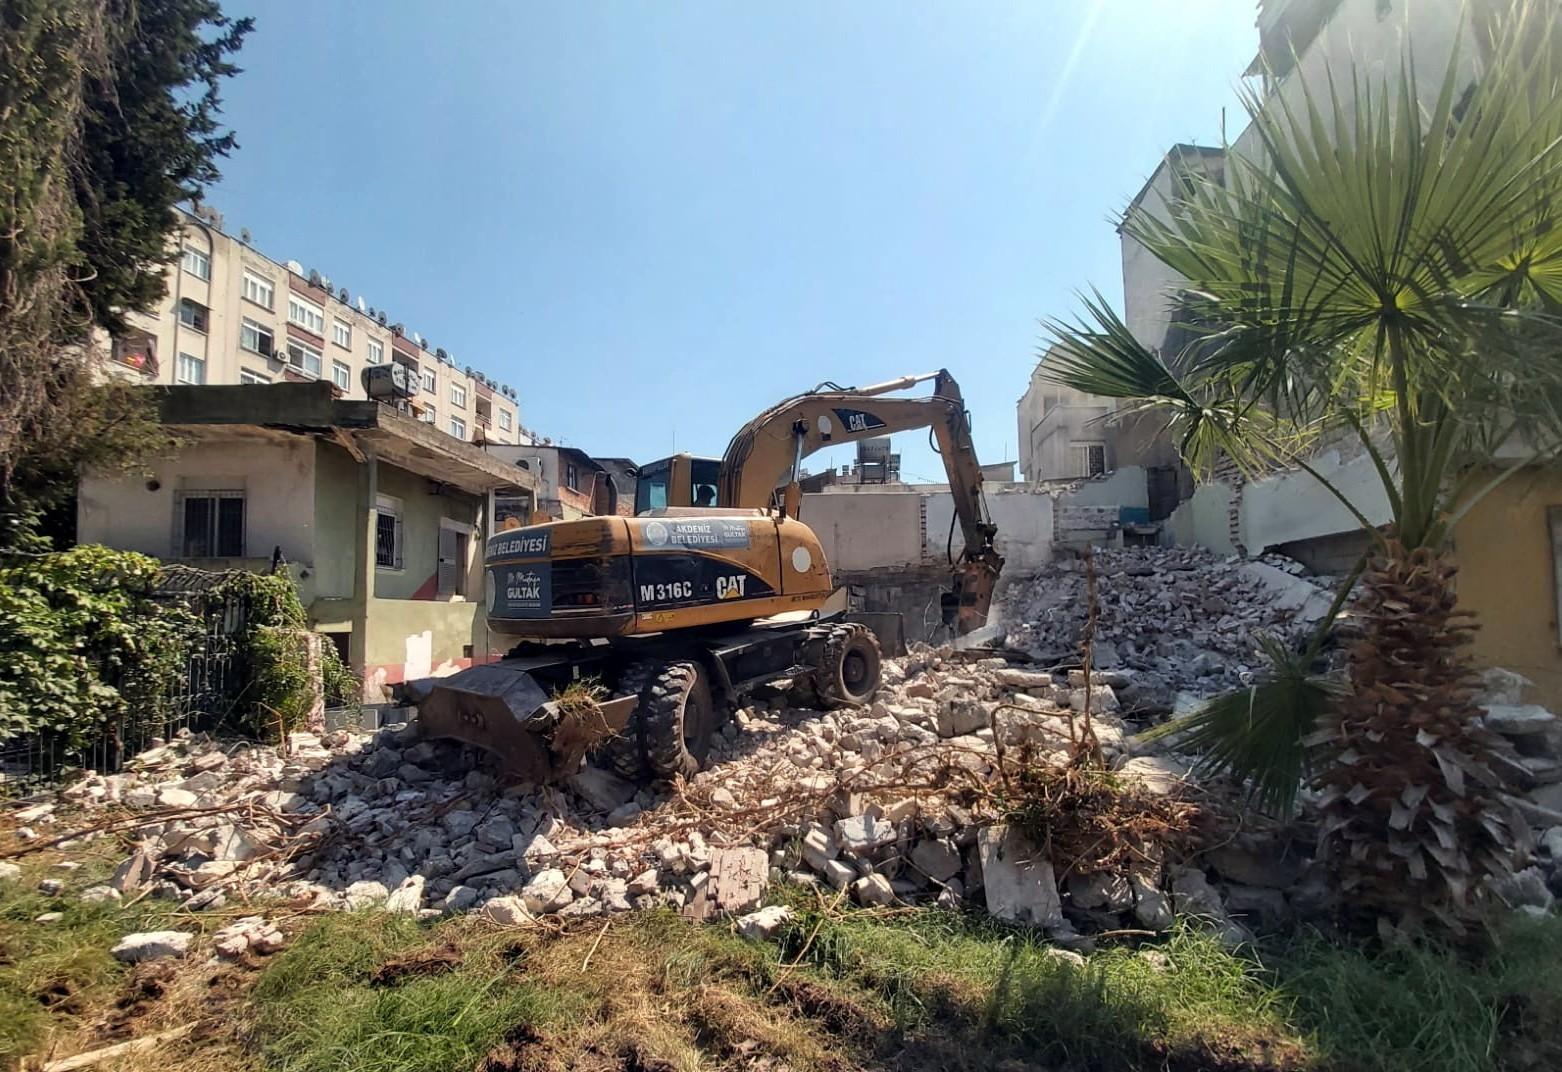 akdenizde tehlike olusturan binalar yikiliyor